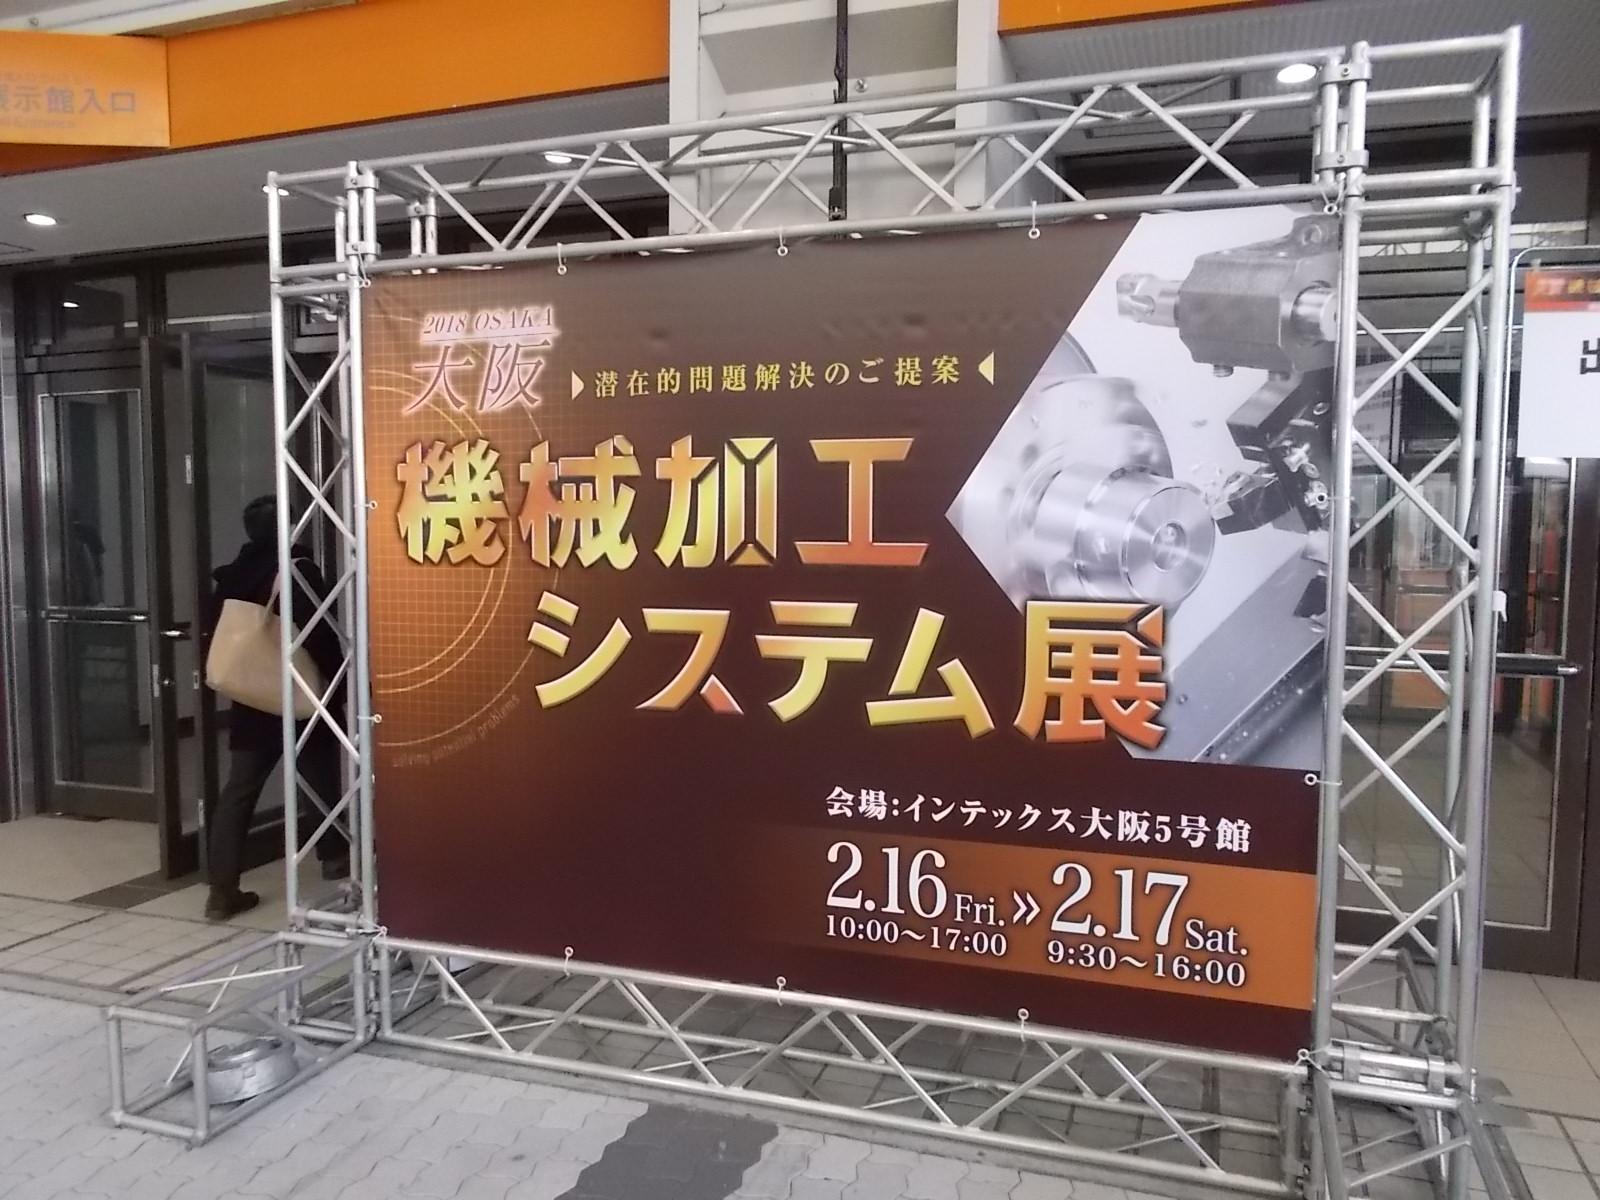 http://ki-seiki.com/blog03/DSCN9546.JPG